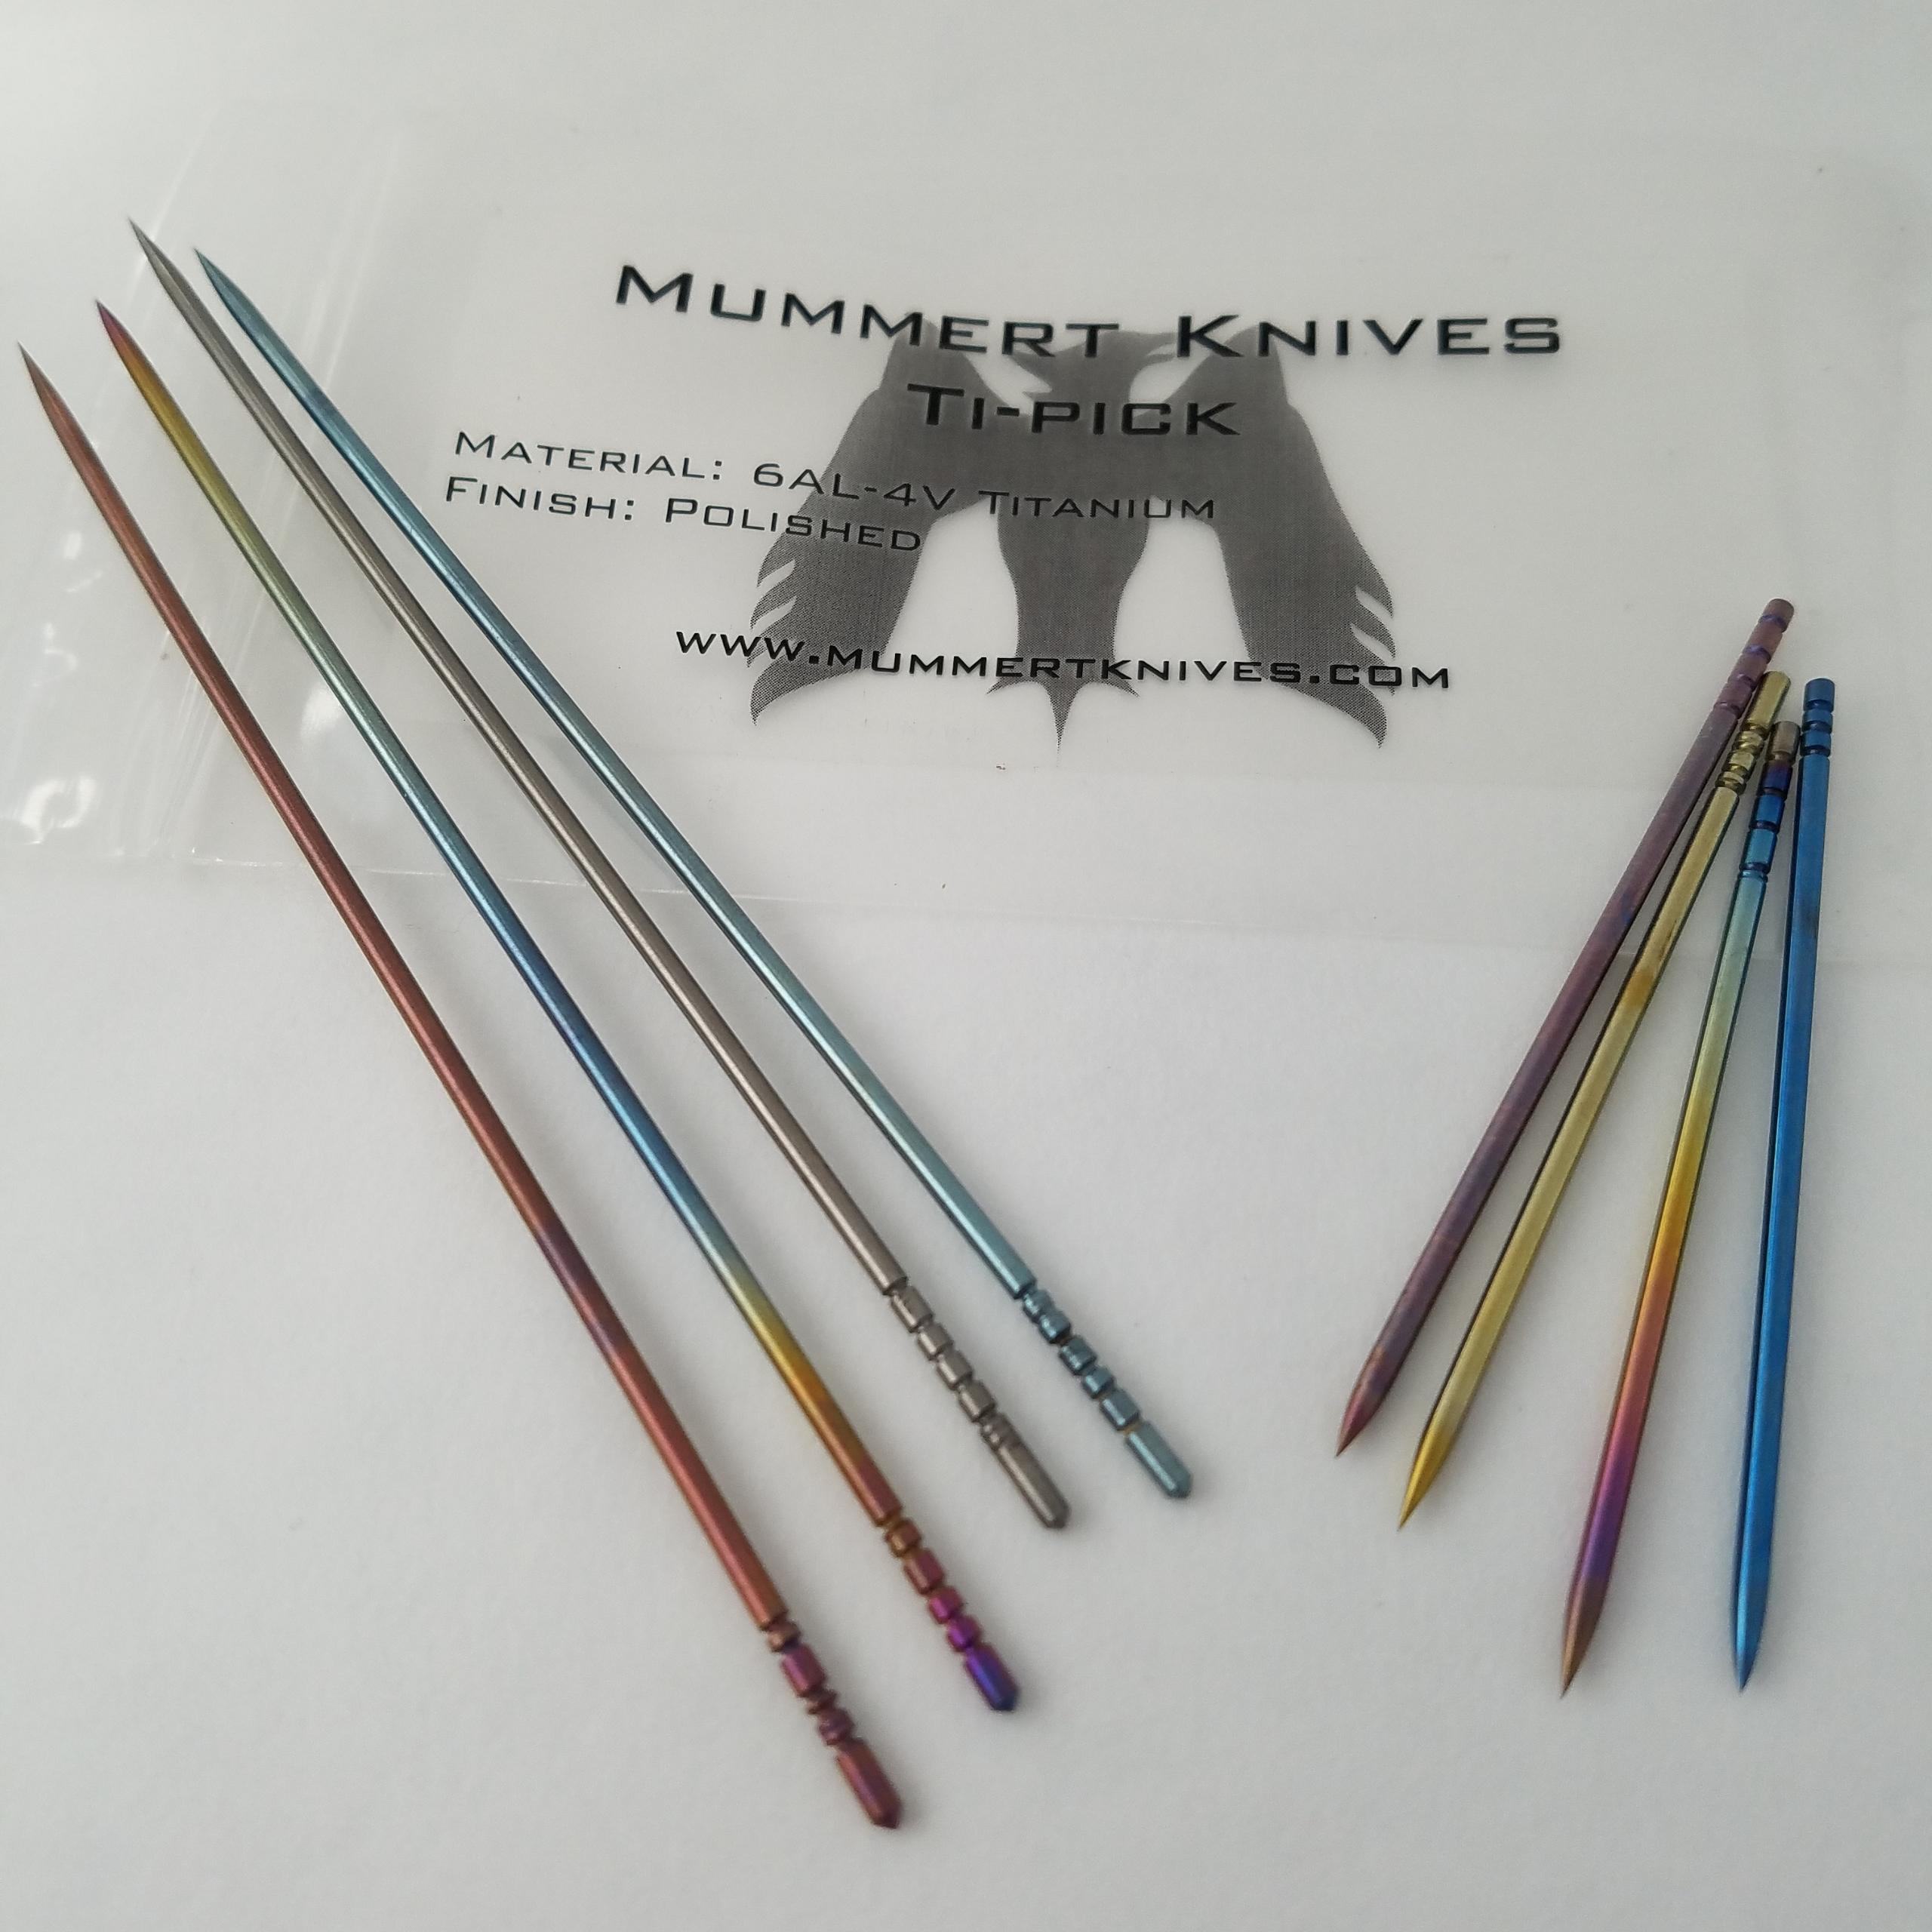 420EDC, MailCall, mummertknives - 420edc   ello